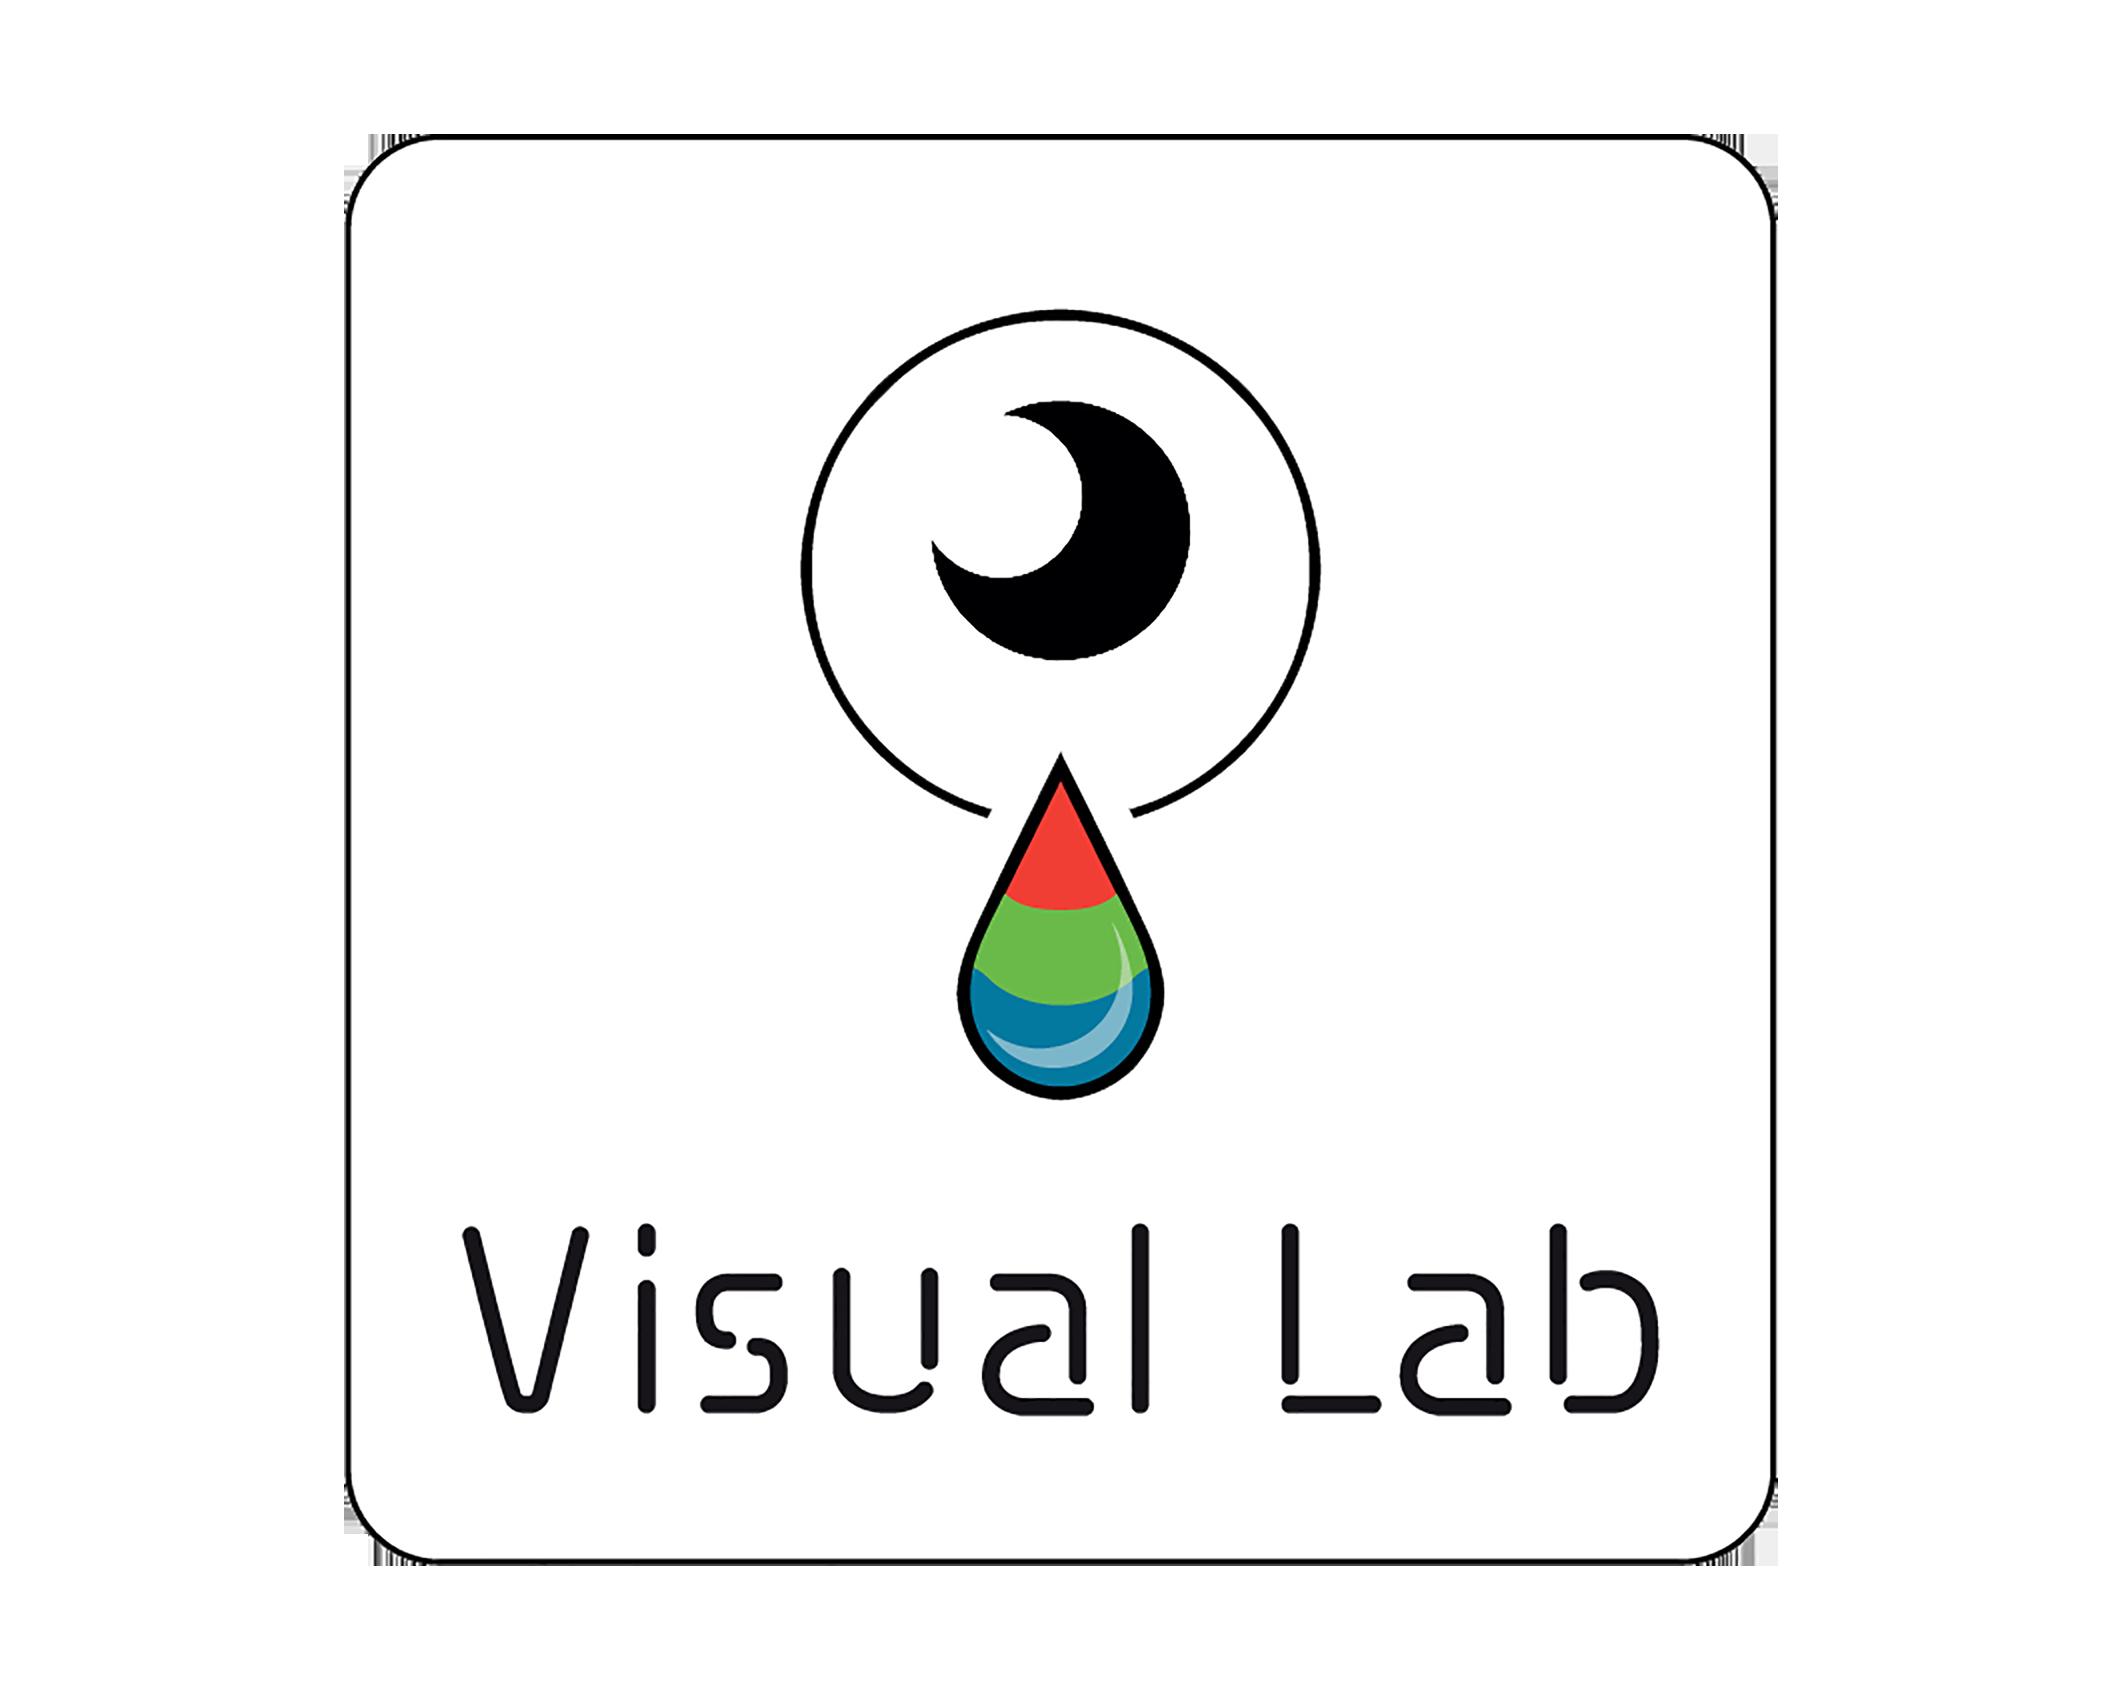 VISUAL LAB